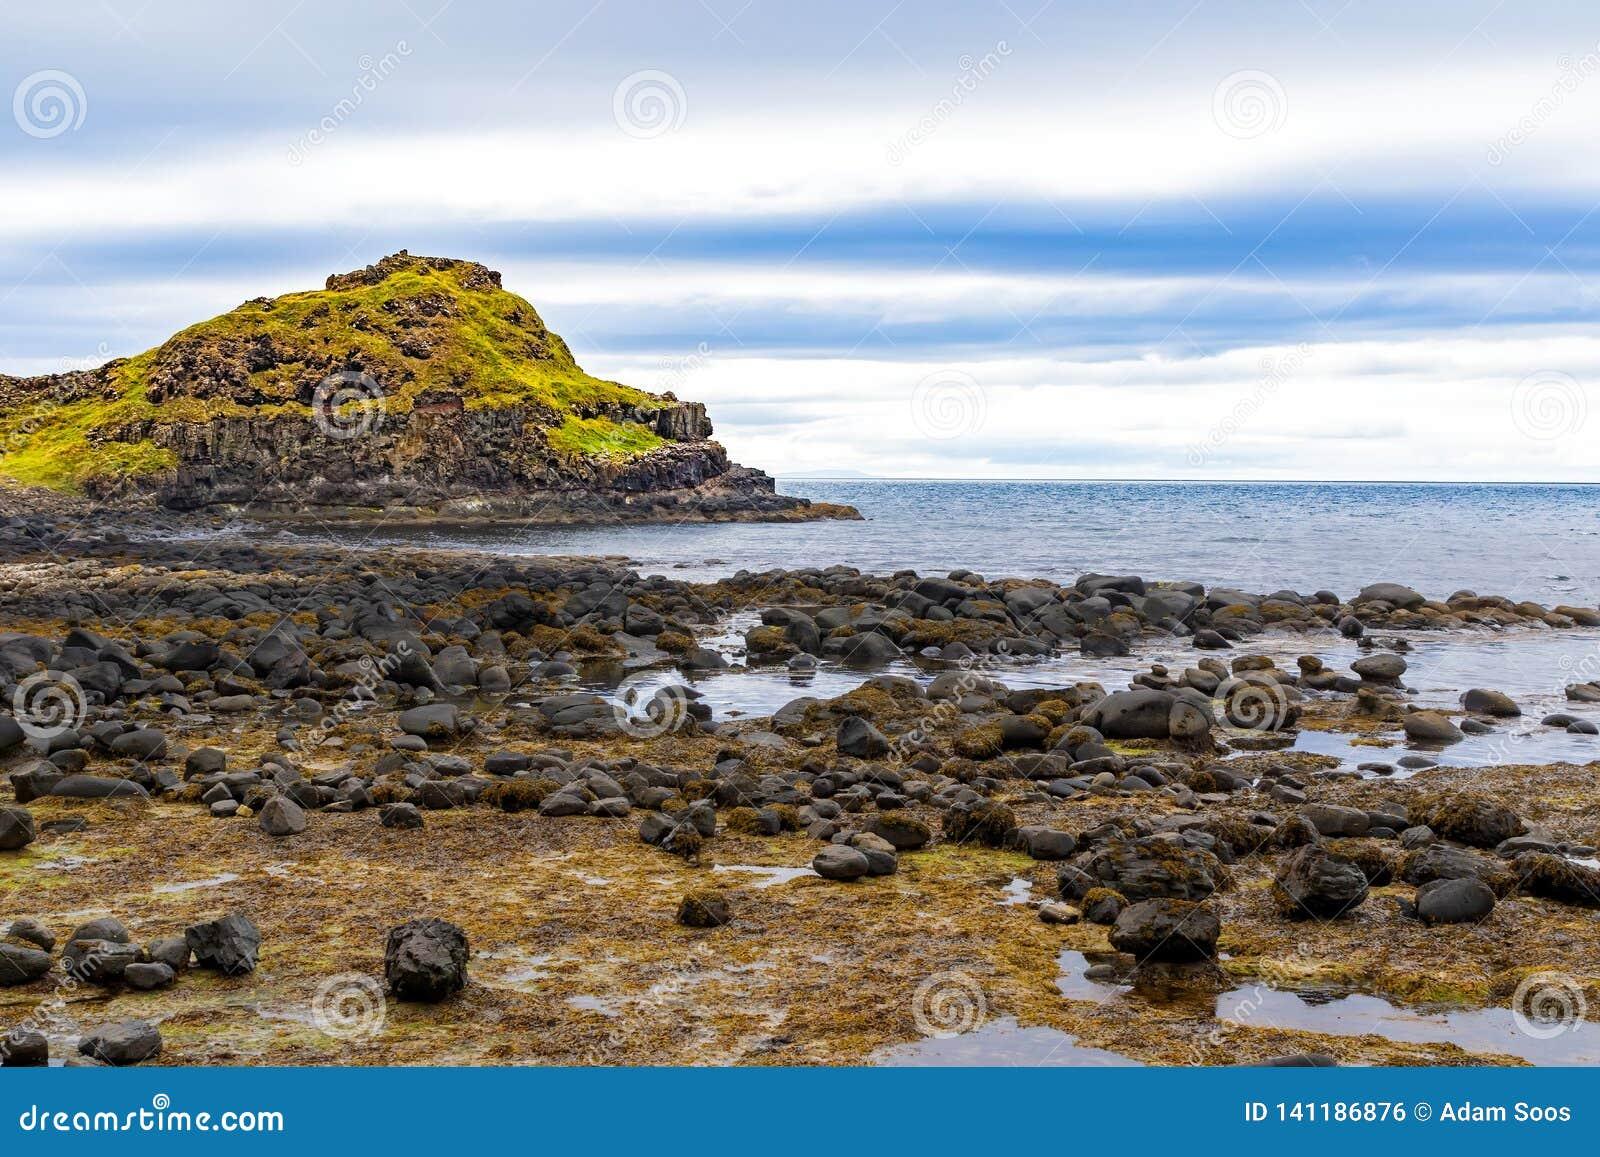 Die Küste von einer Insel in Irland